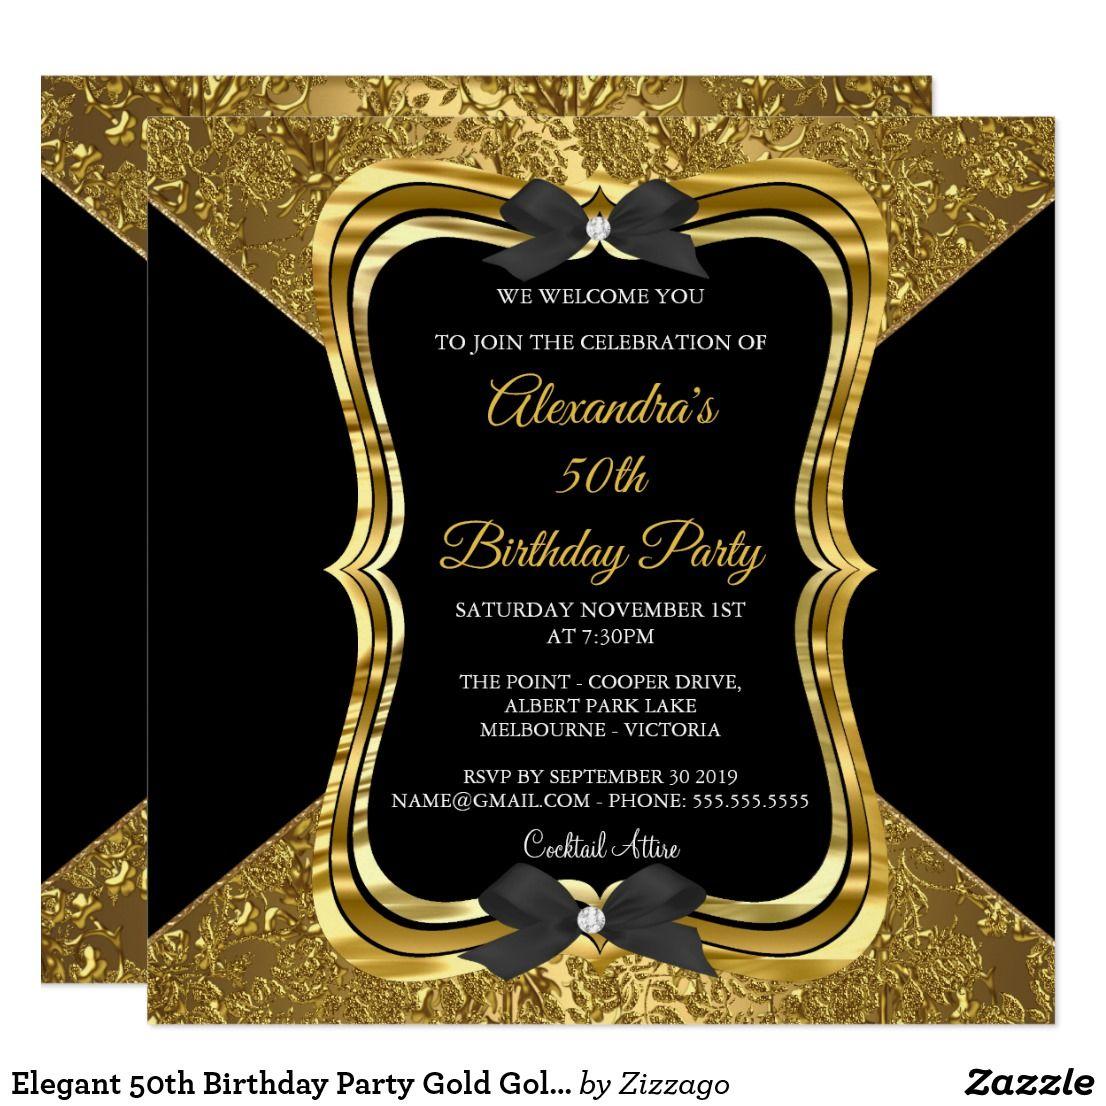 Elegant 50th Birthday Party Gold Golden Black Invitation | Zazzle.com | 50th  birthday party, 50th birthday invitations, Black invitation